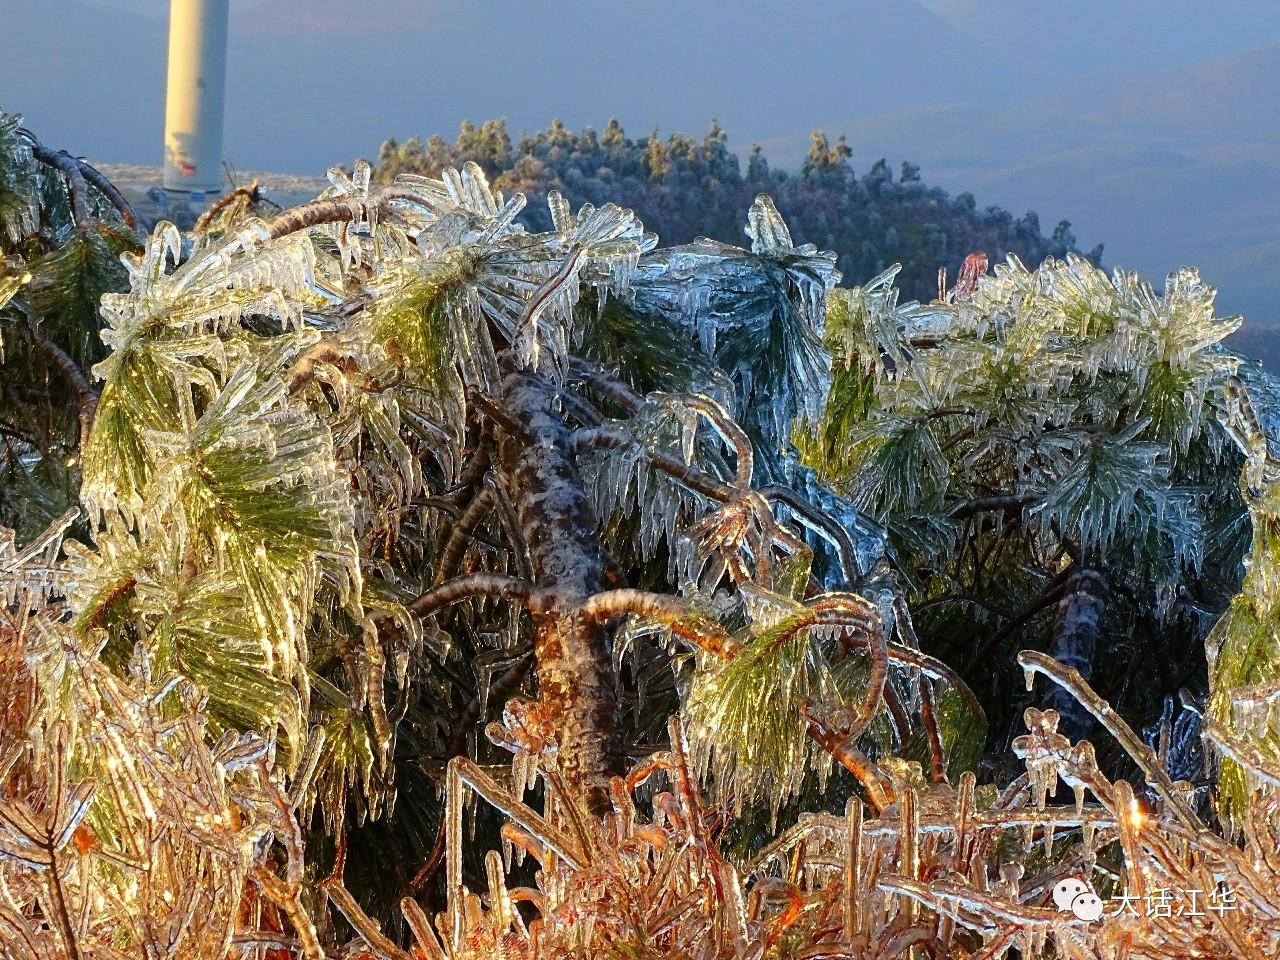 江华这里的雪景,白茫茫一片,美得让人心醉!